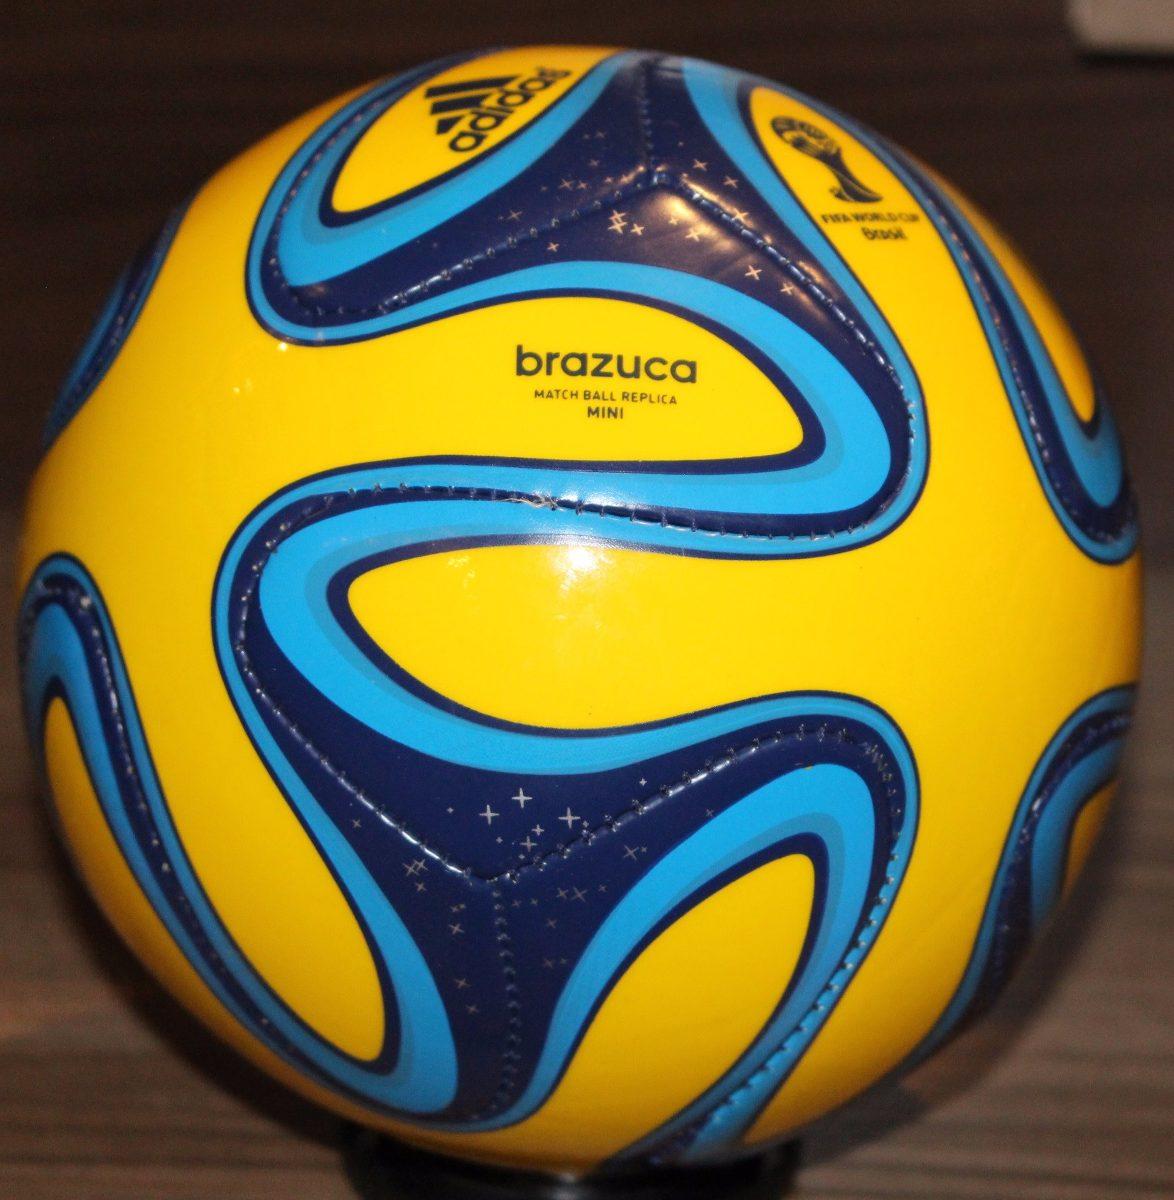 975f6da027 minibola adidas brazuca da copa do mundo fifa. Carregando zoom.